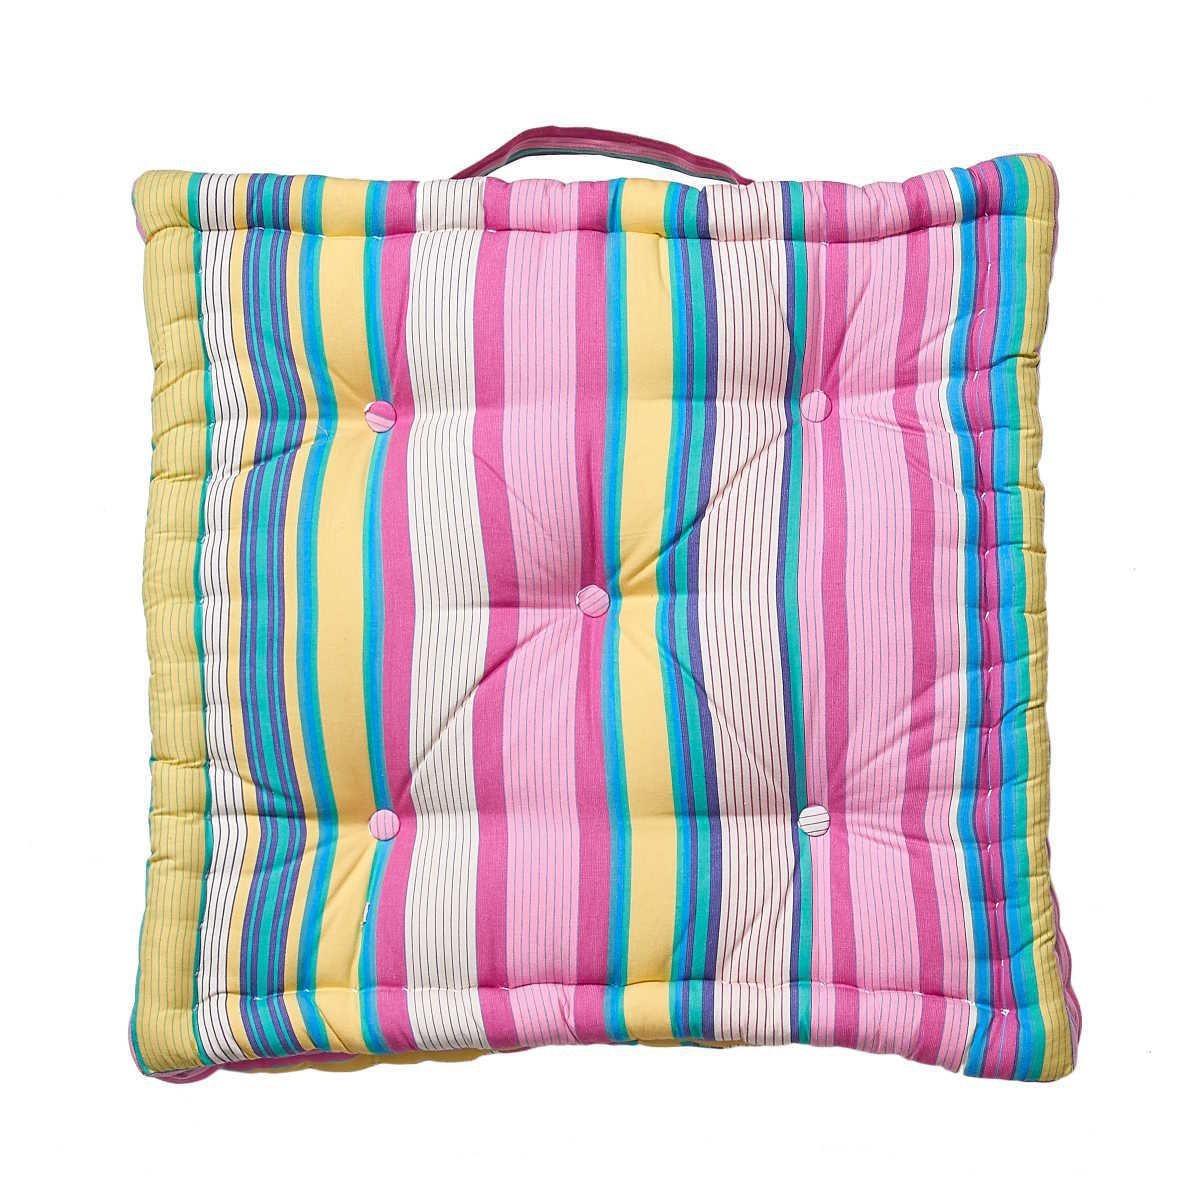 backhandschuhe gebraucht oder neu kaufen und sparen preise vergleichen. Black Bedroom Furniture Sets. Home Design Ideas